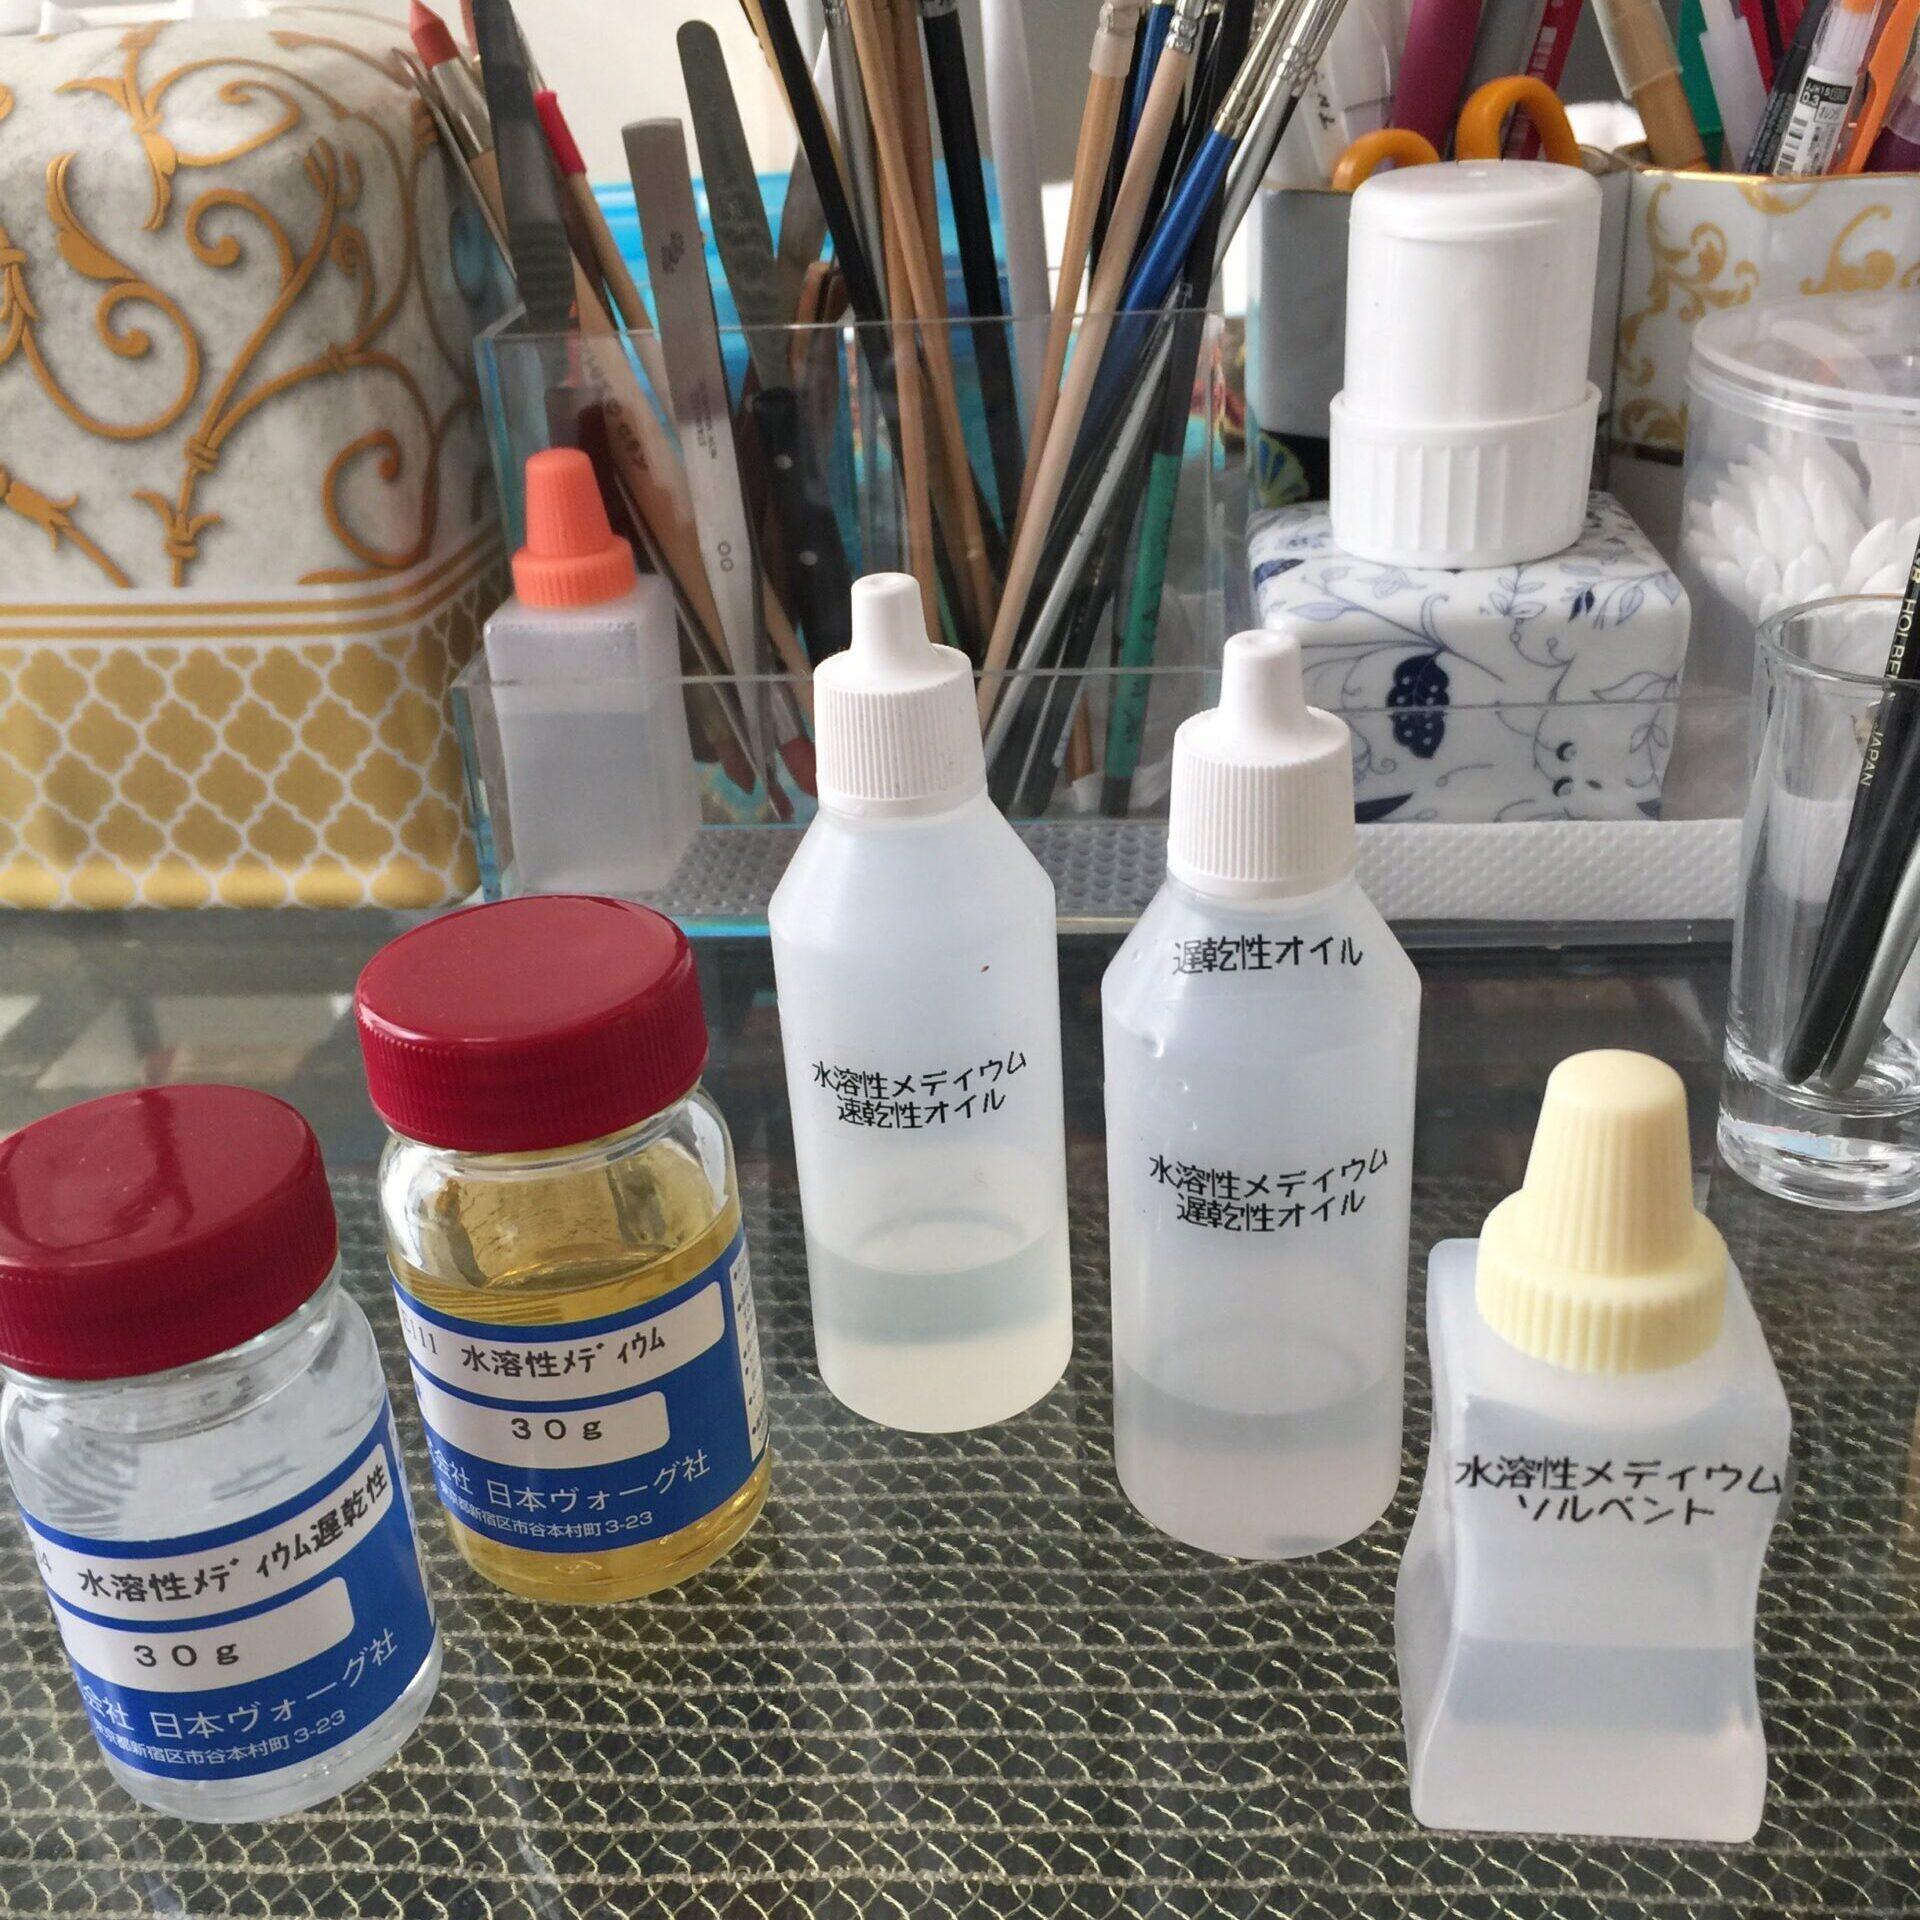 ポーセリンペインティングで使用するオイル色々